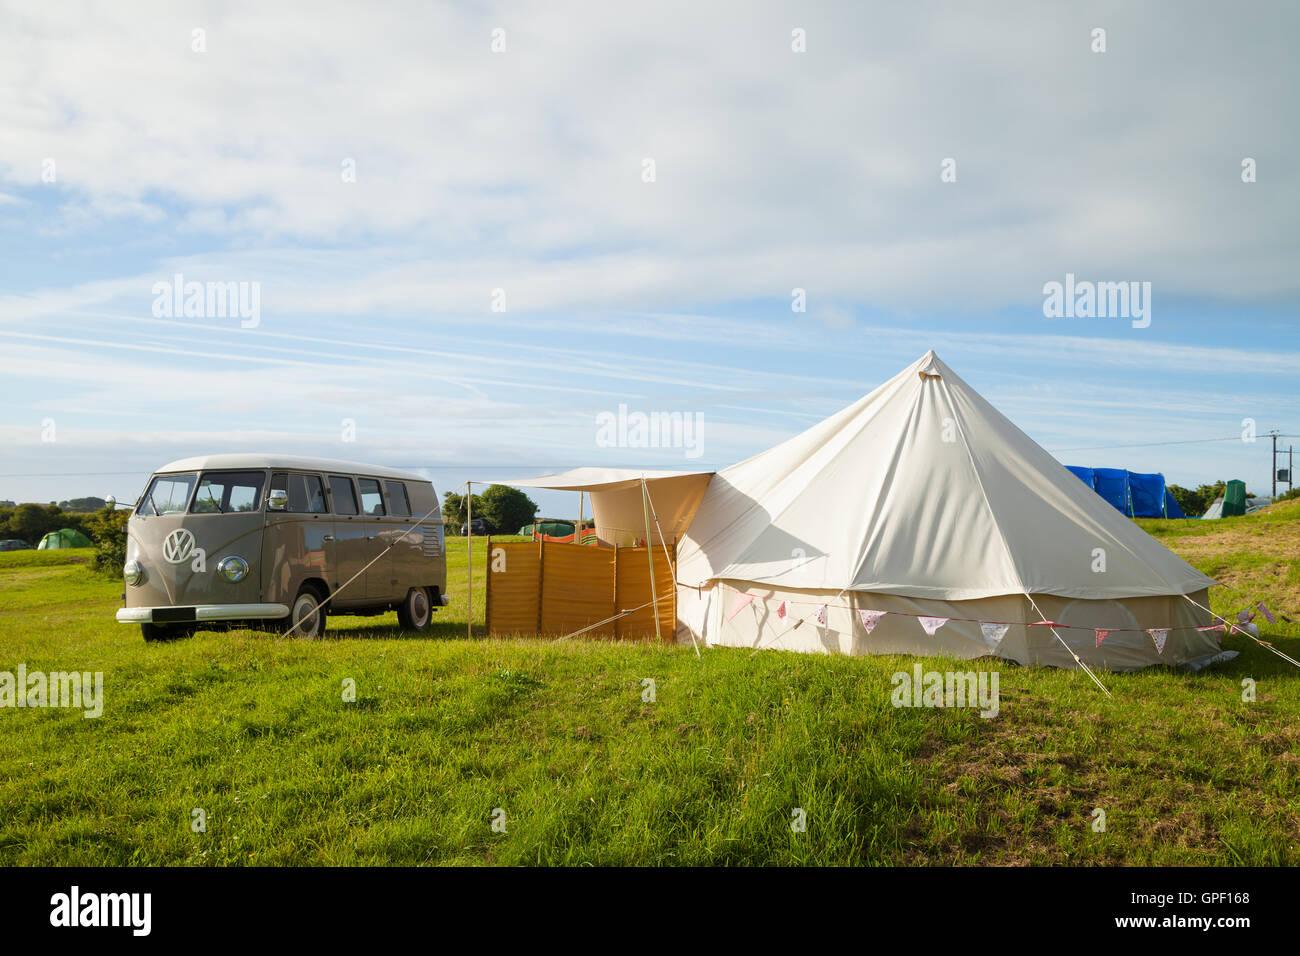 Un VW Camper Van y carpa en un camping en inglés. Imagen De Stock